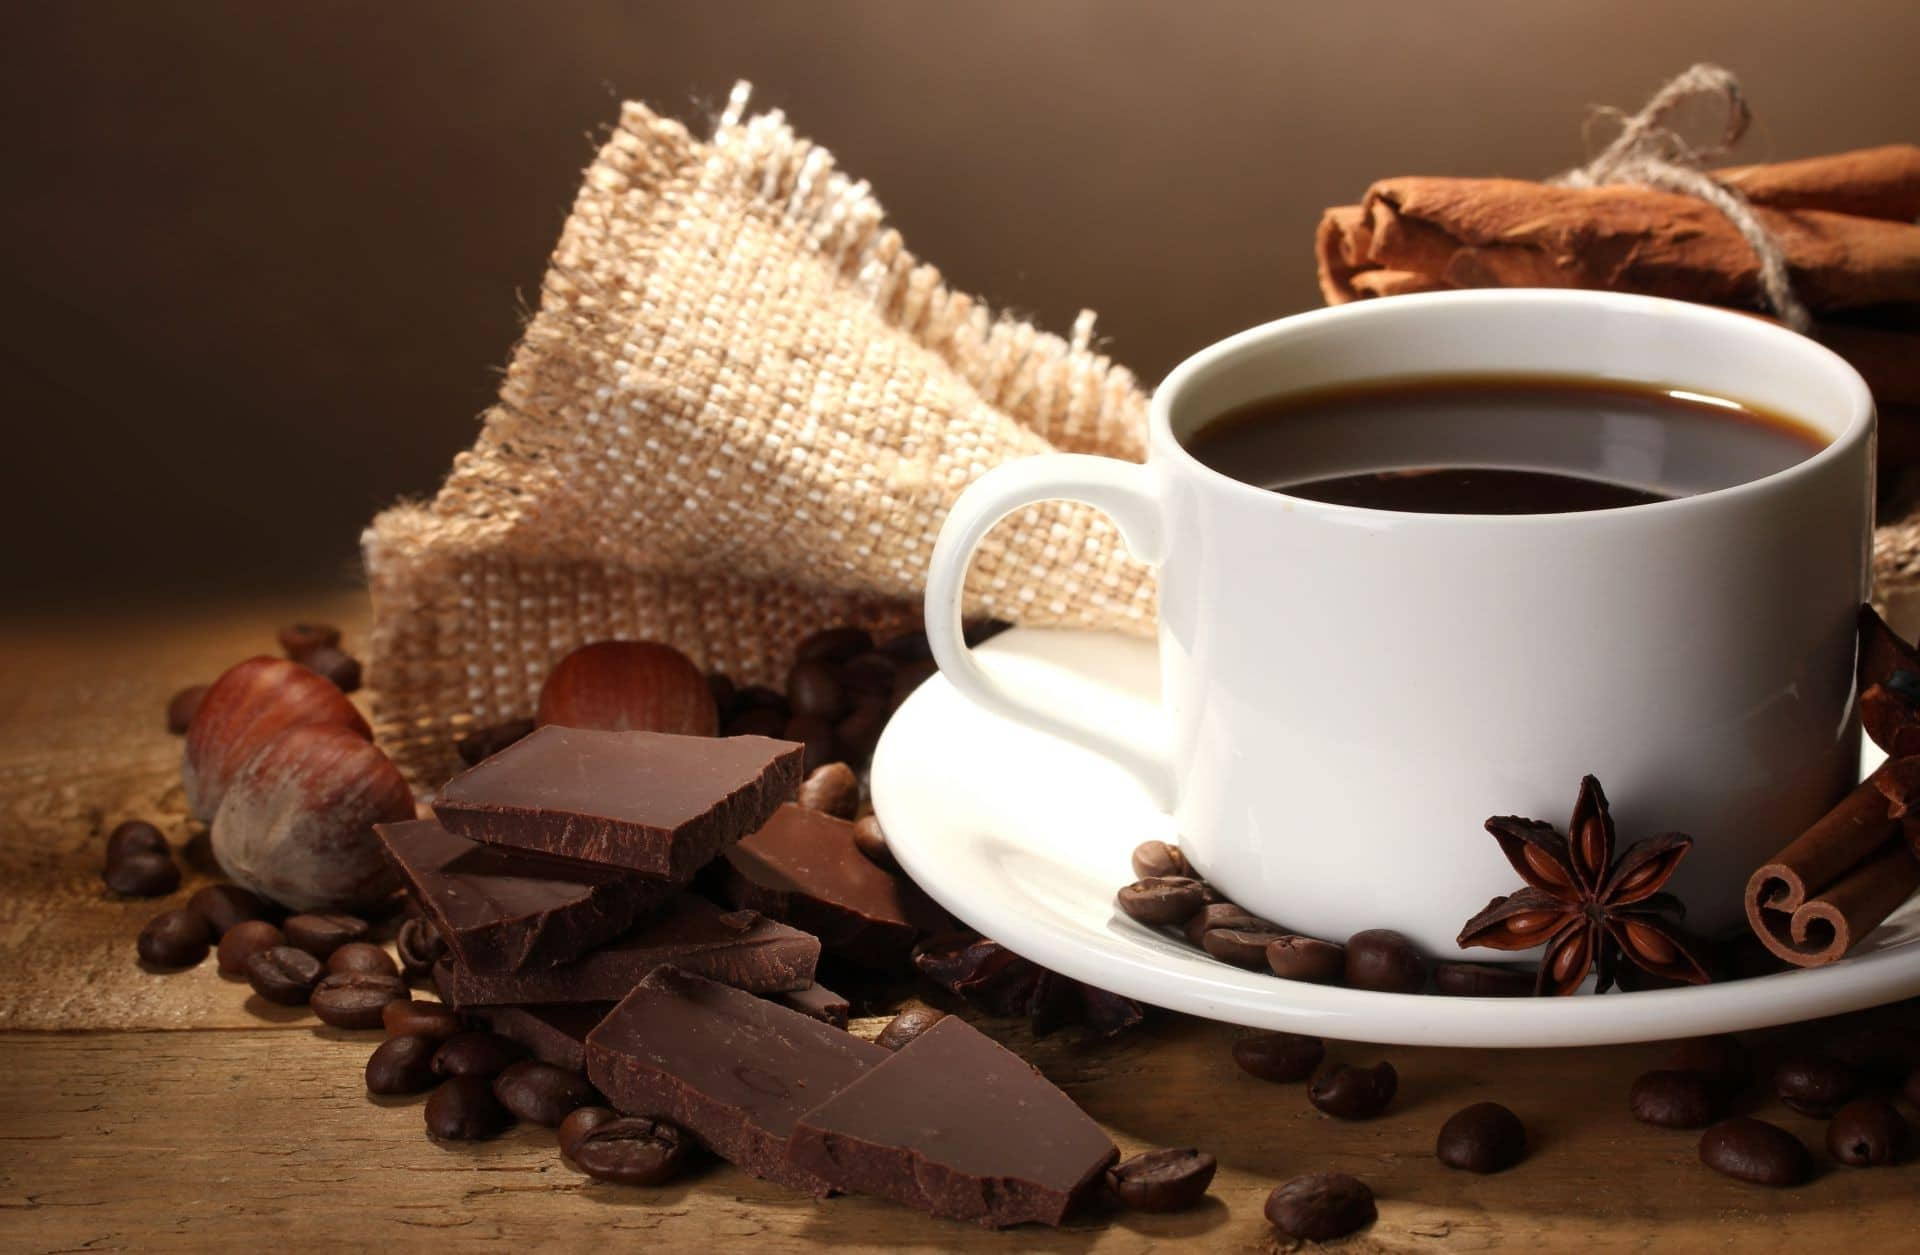 Диета кофе и шоколад